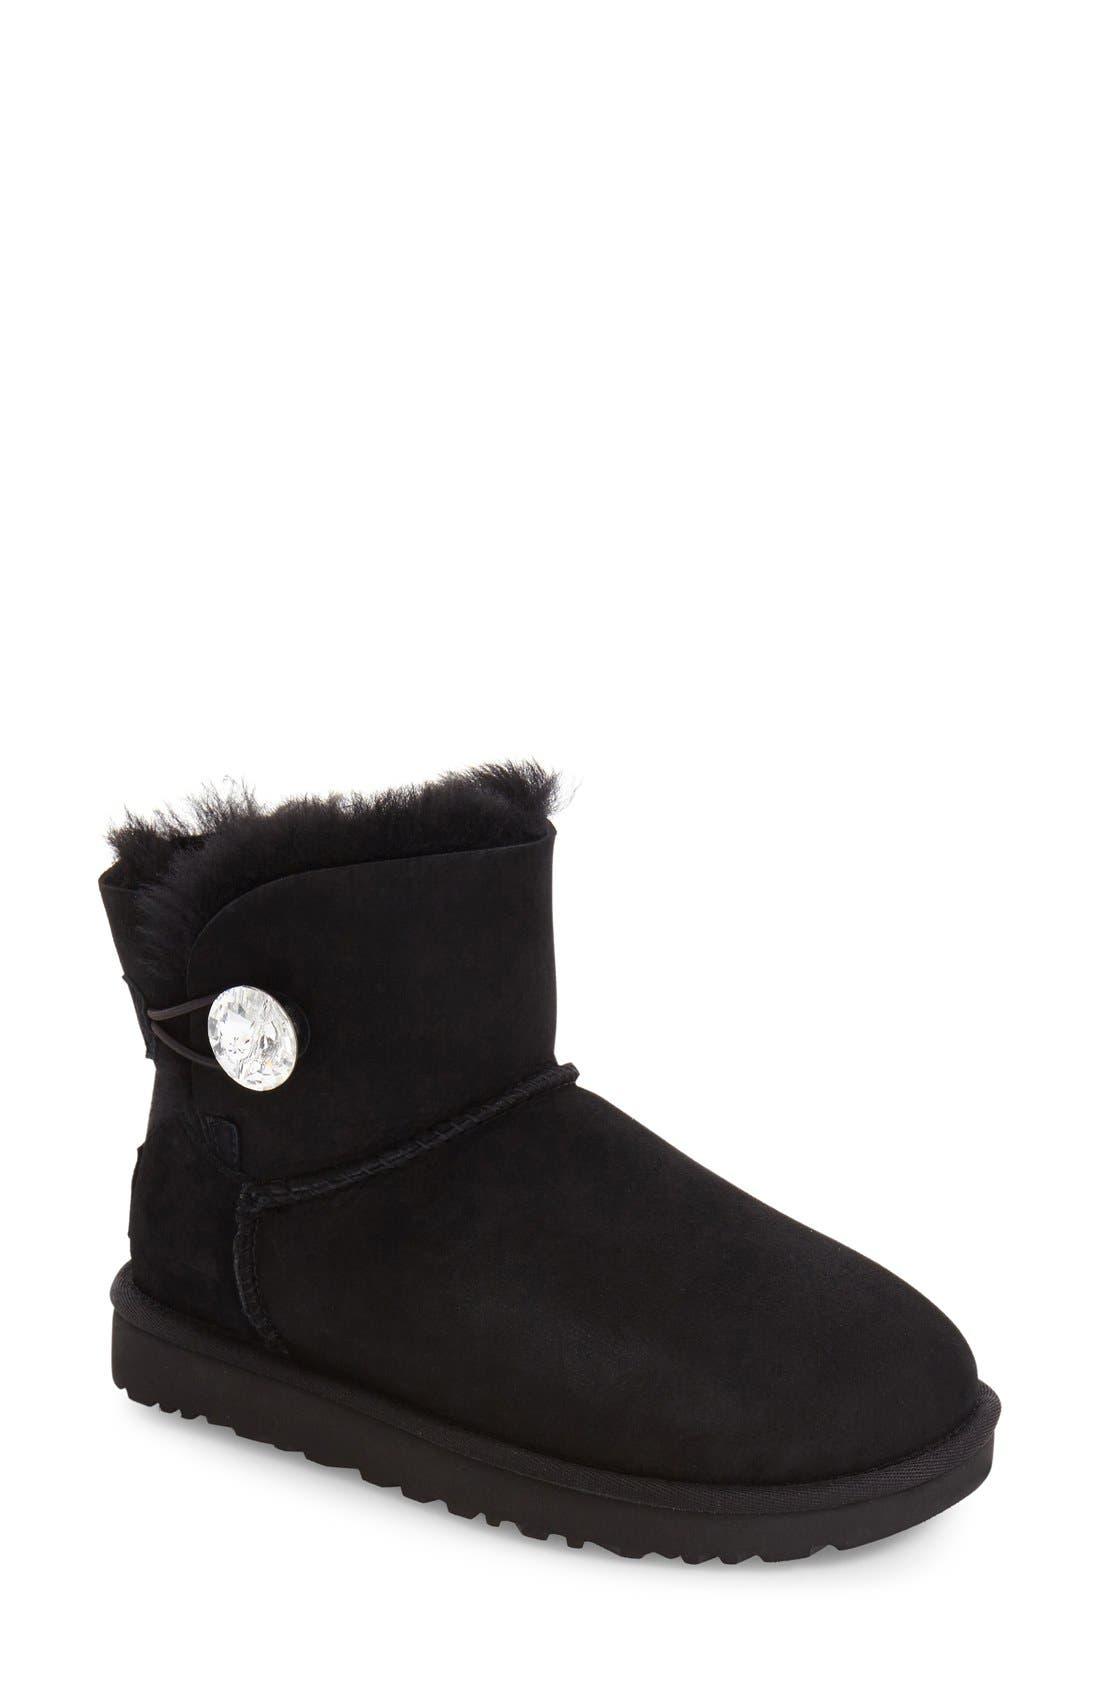 Main Image - UGG® Mini Bailey Button Bling Boot (Women)